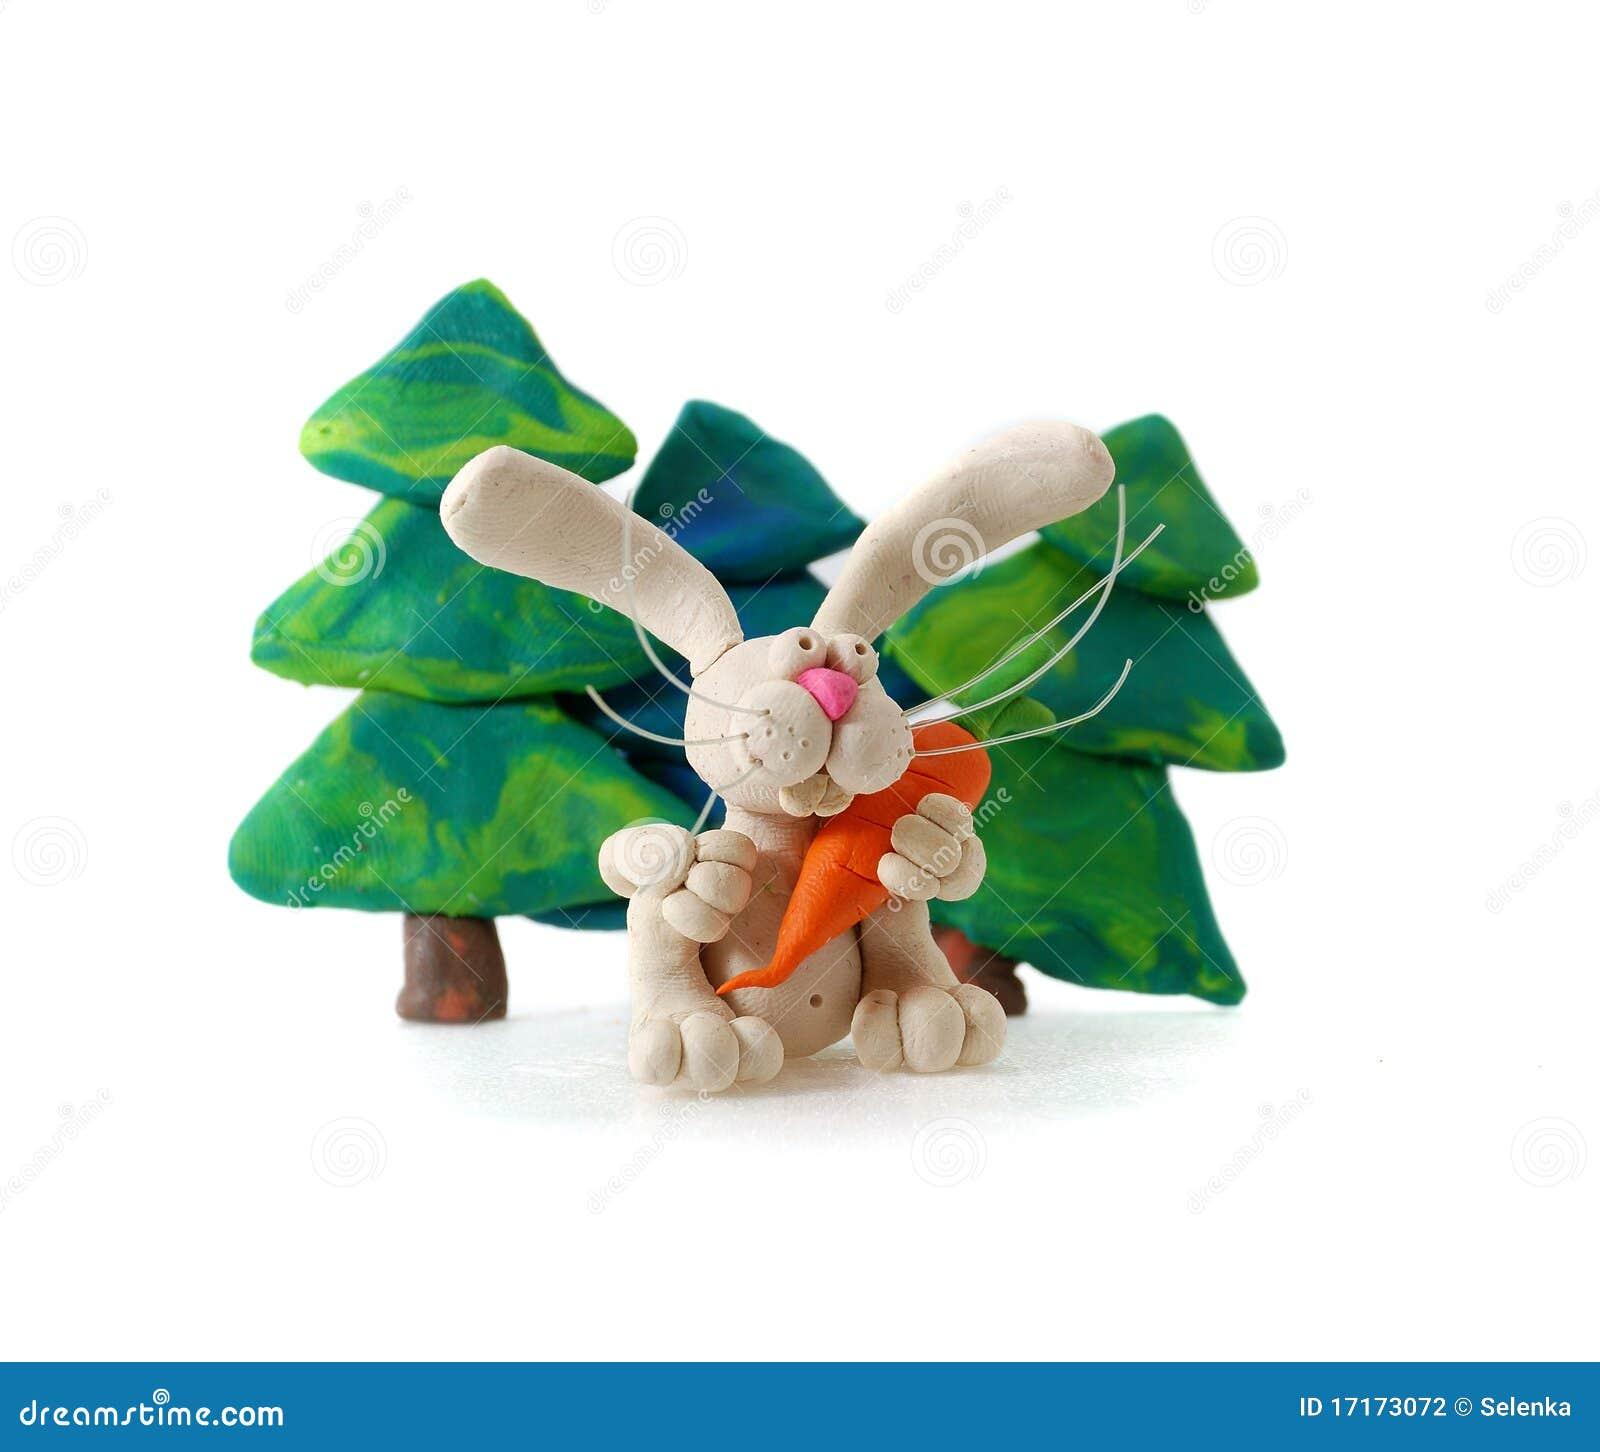 Plasticine rabbit.